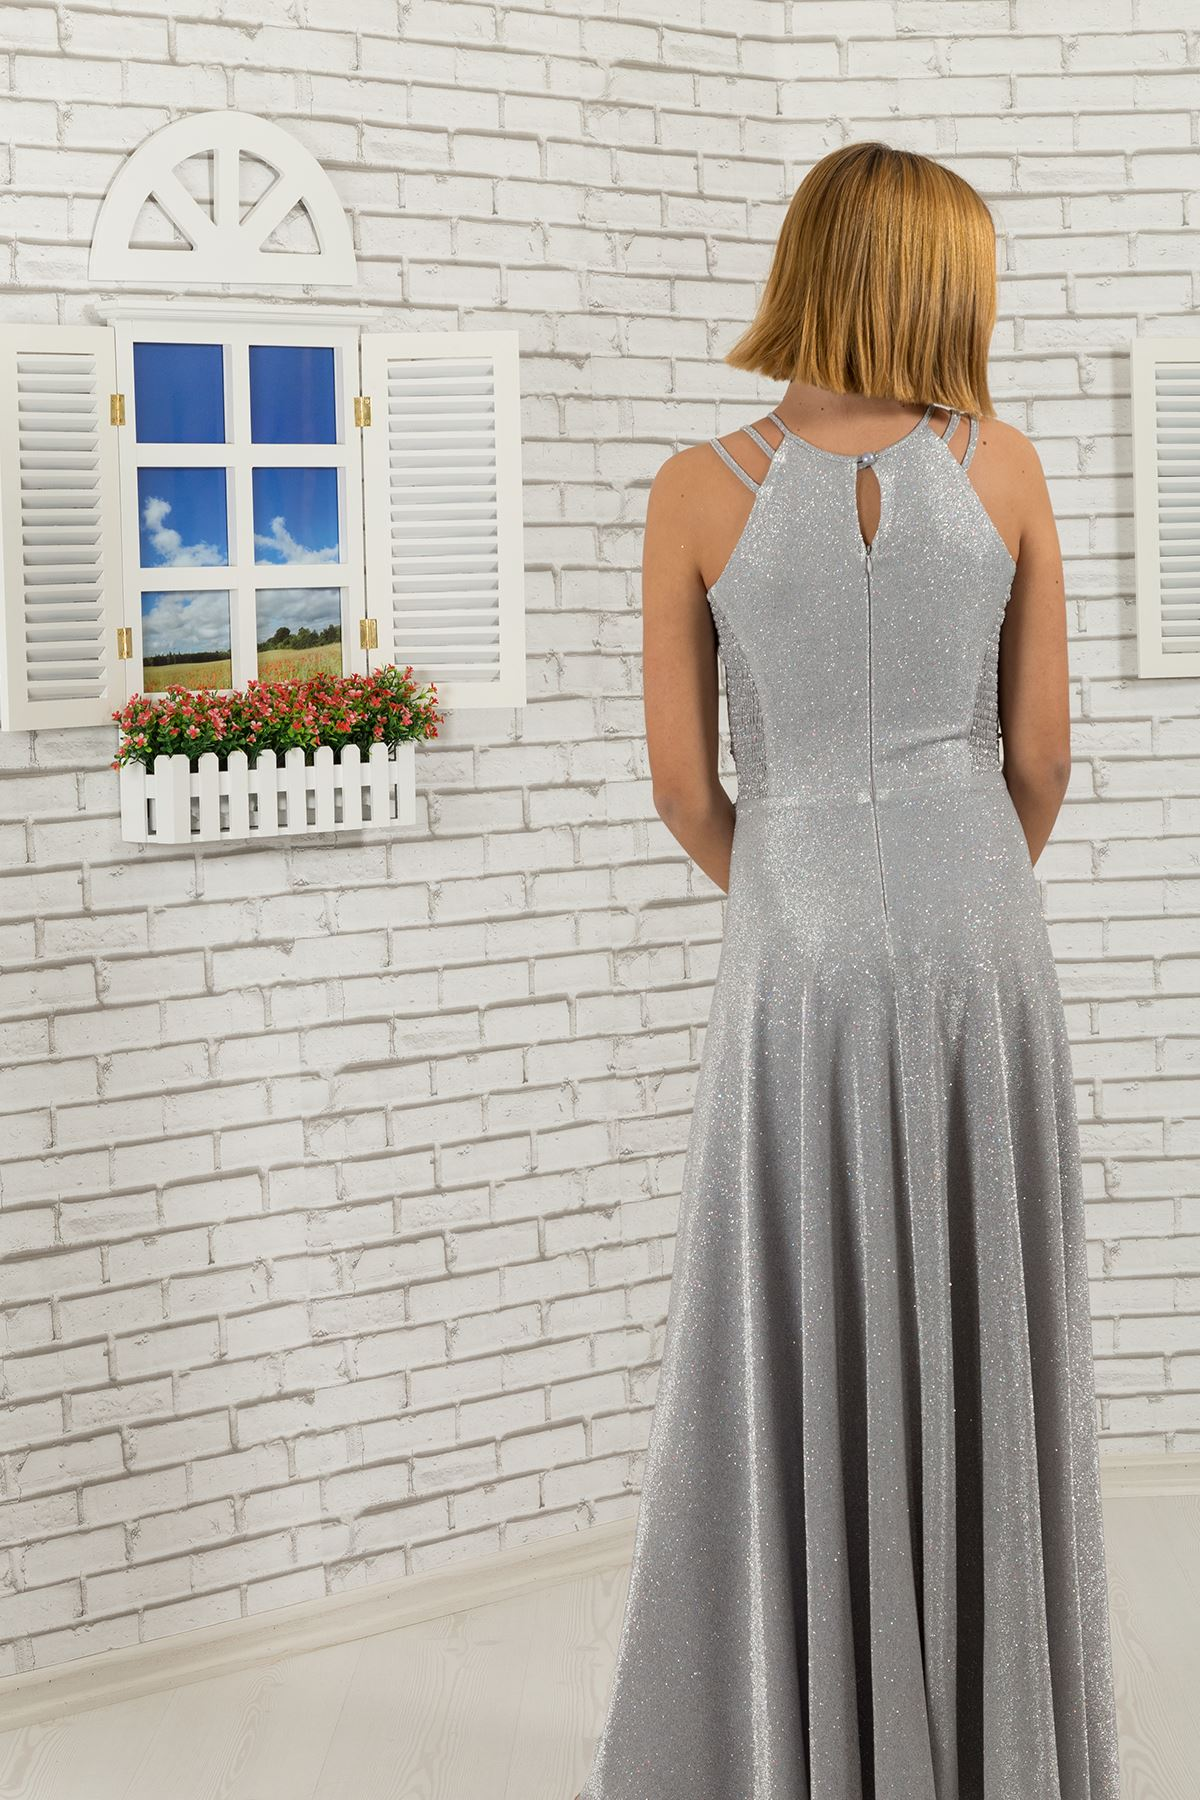 Талия печат скалист, рамото подробно, потребителски сребрист Плат момиче бебе вечерна рокля 511 сив